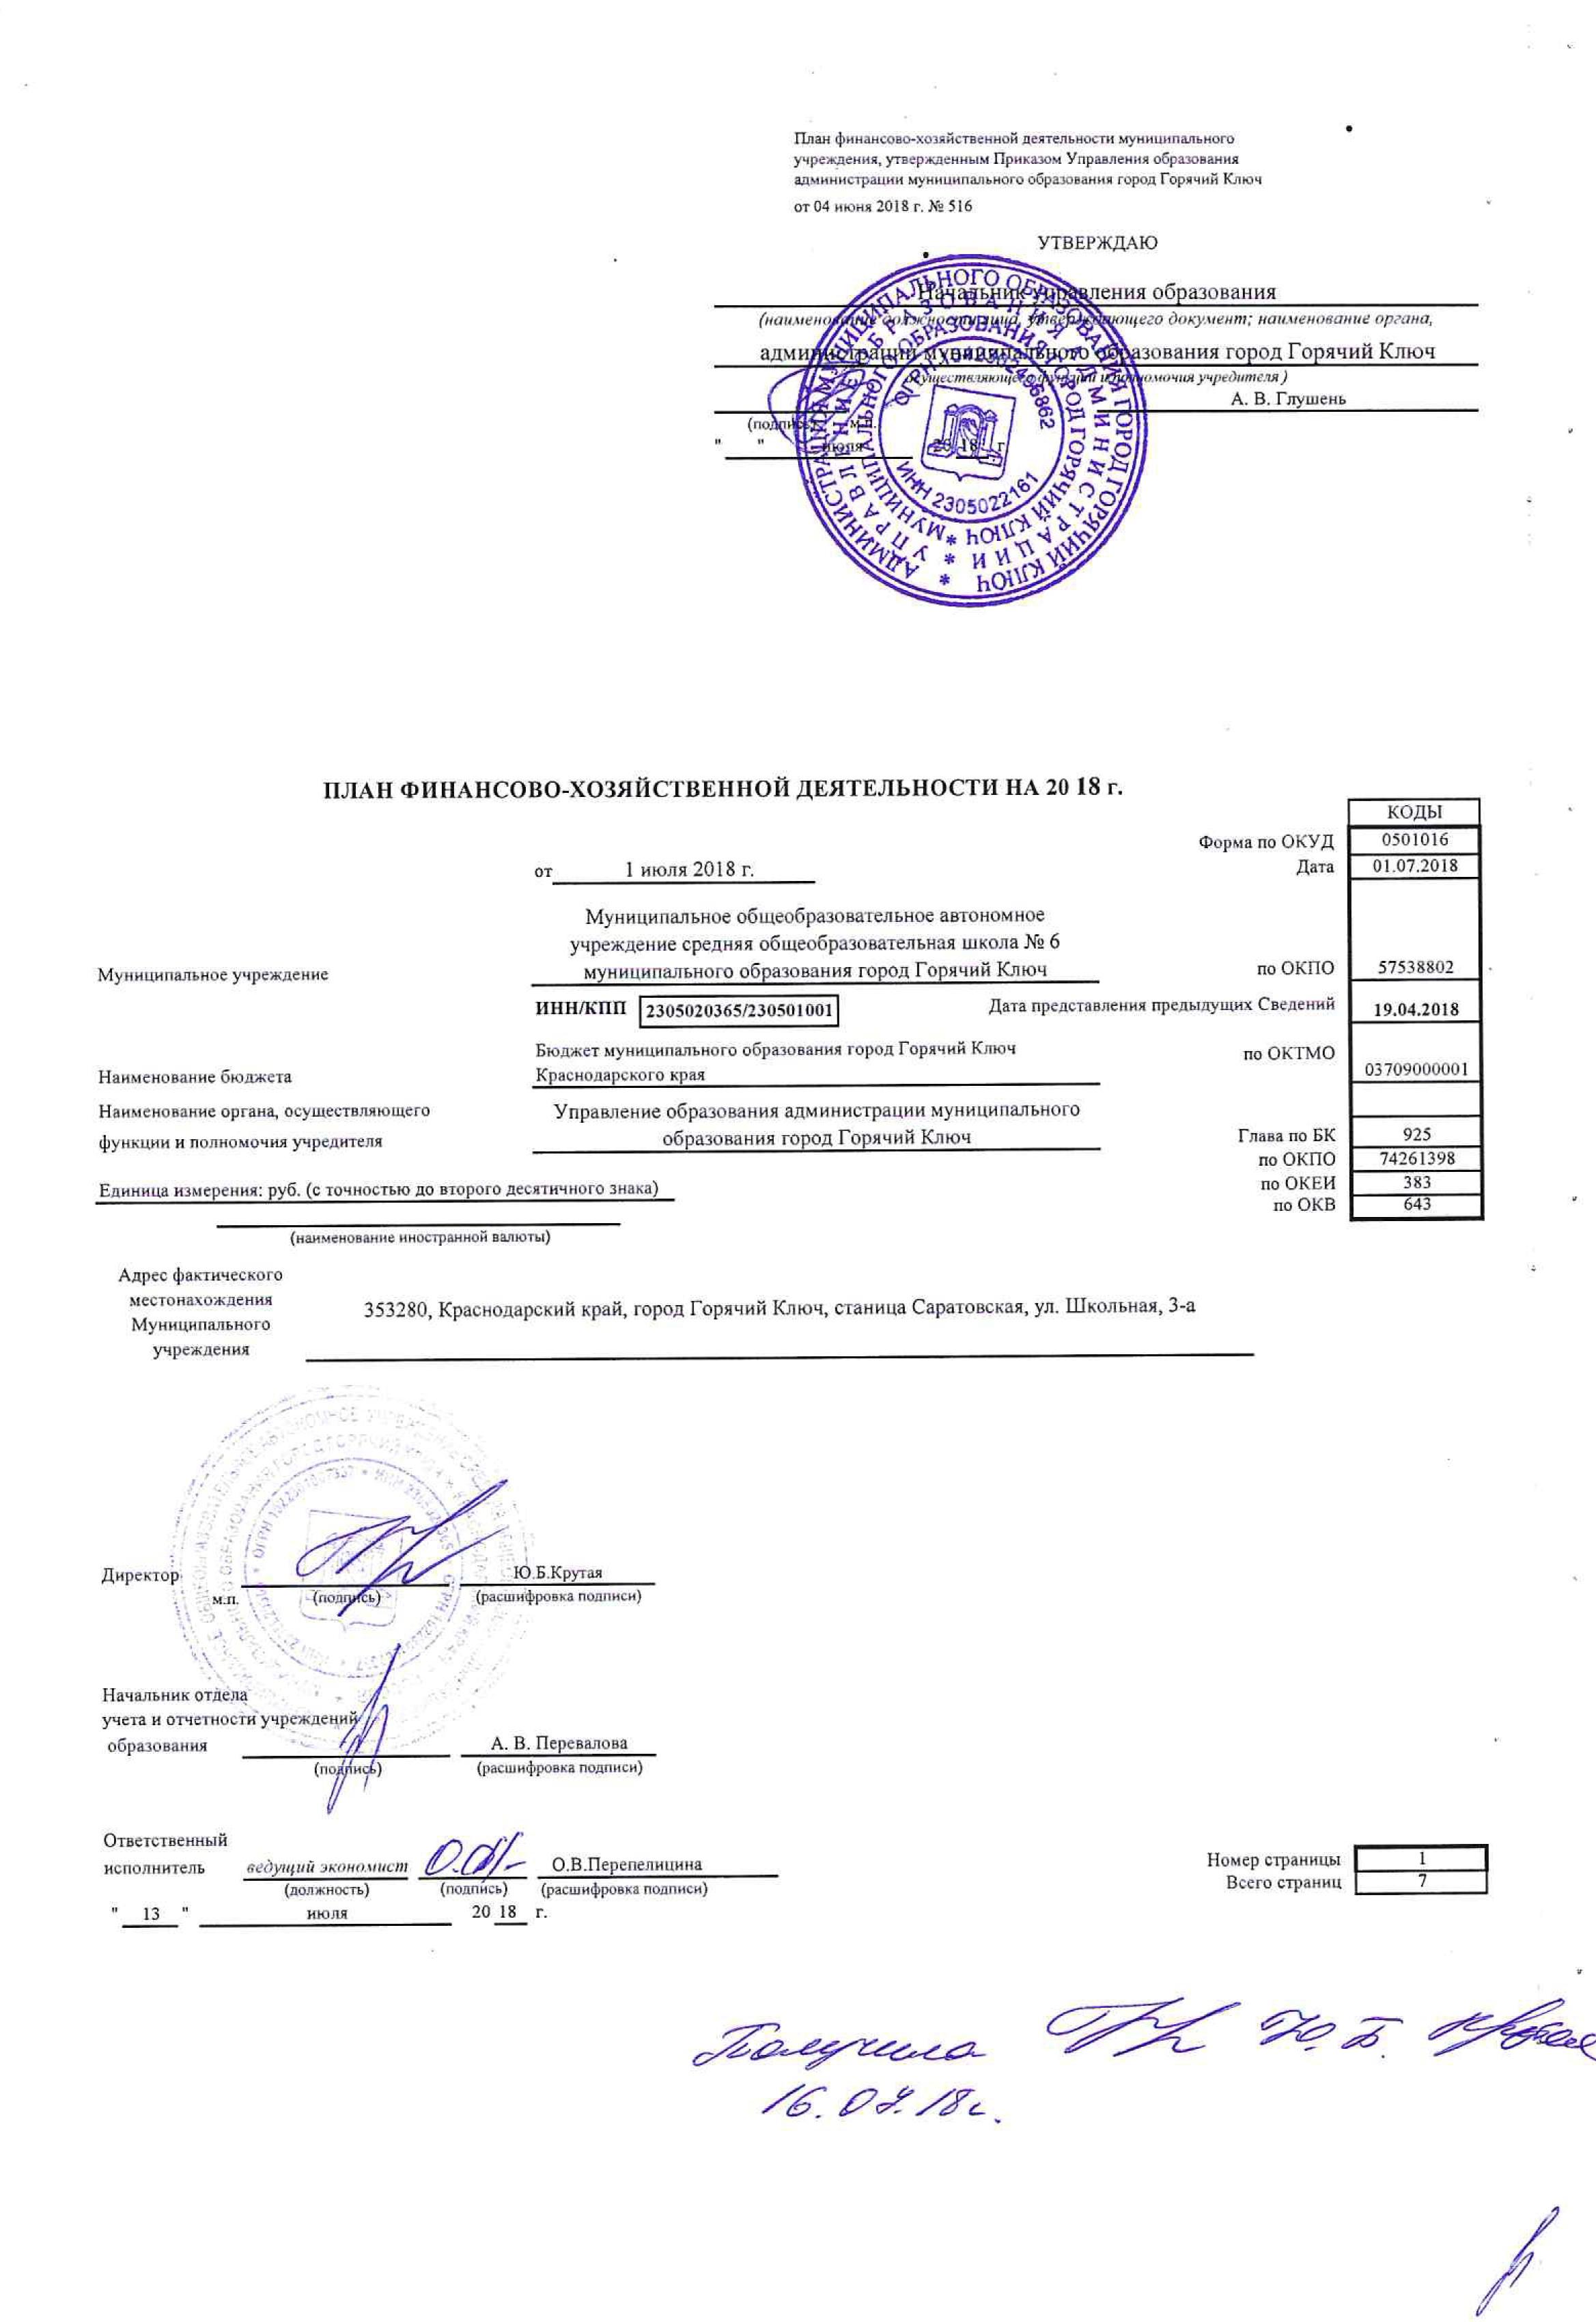 ПФХД-1л